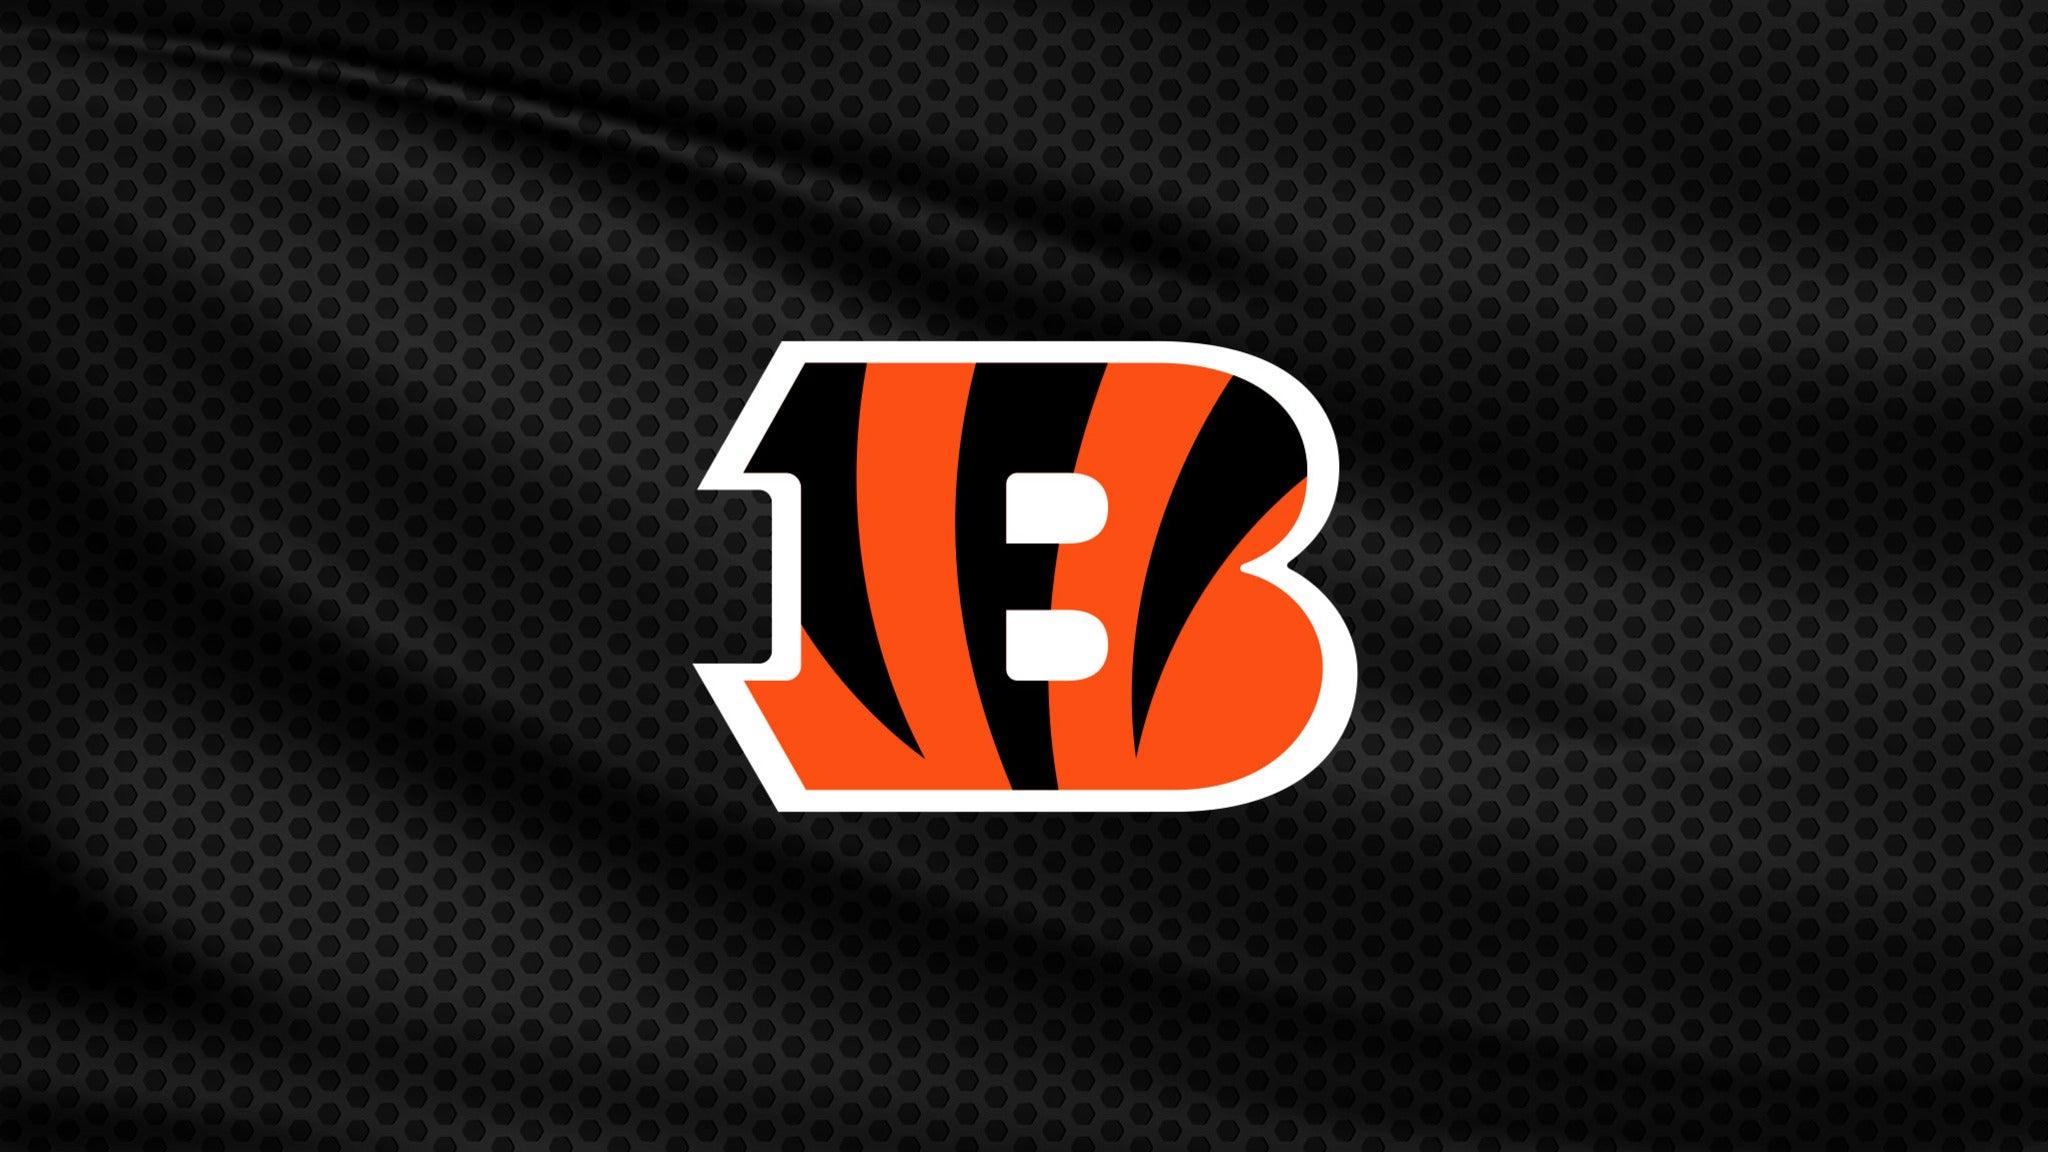 Cincinnati Bengals 2021 Training Camp